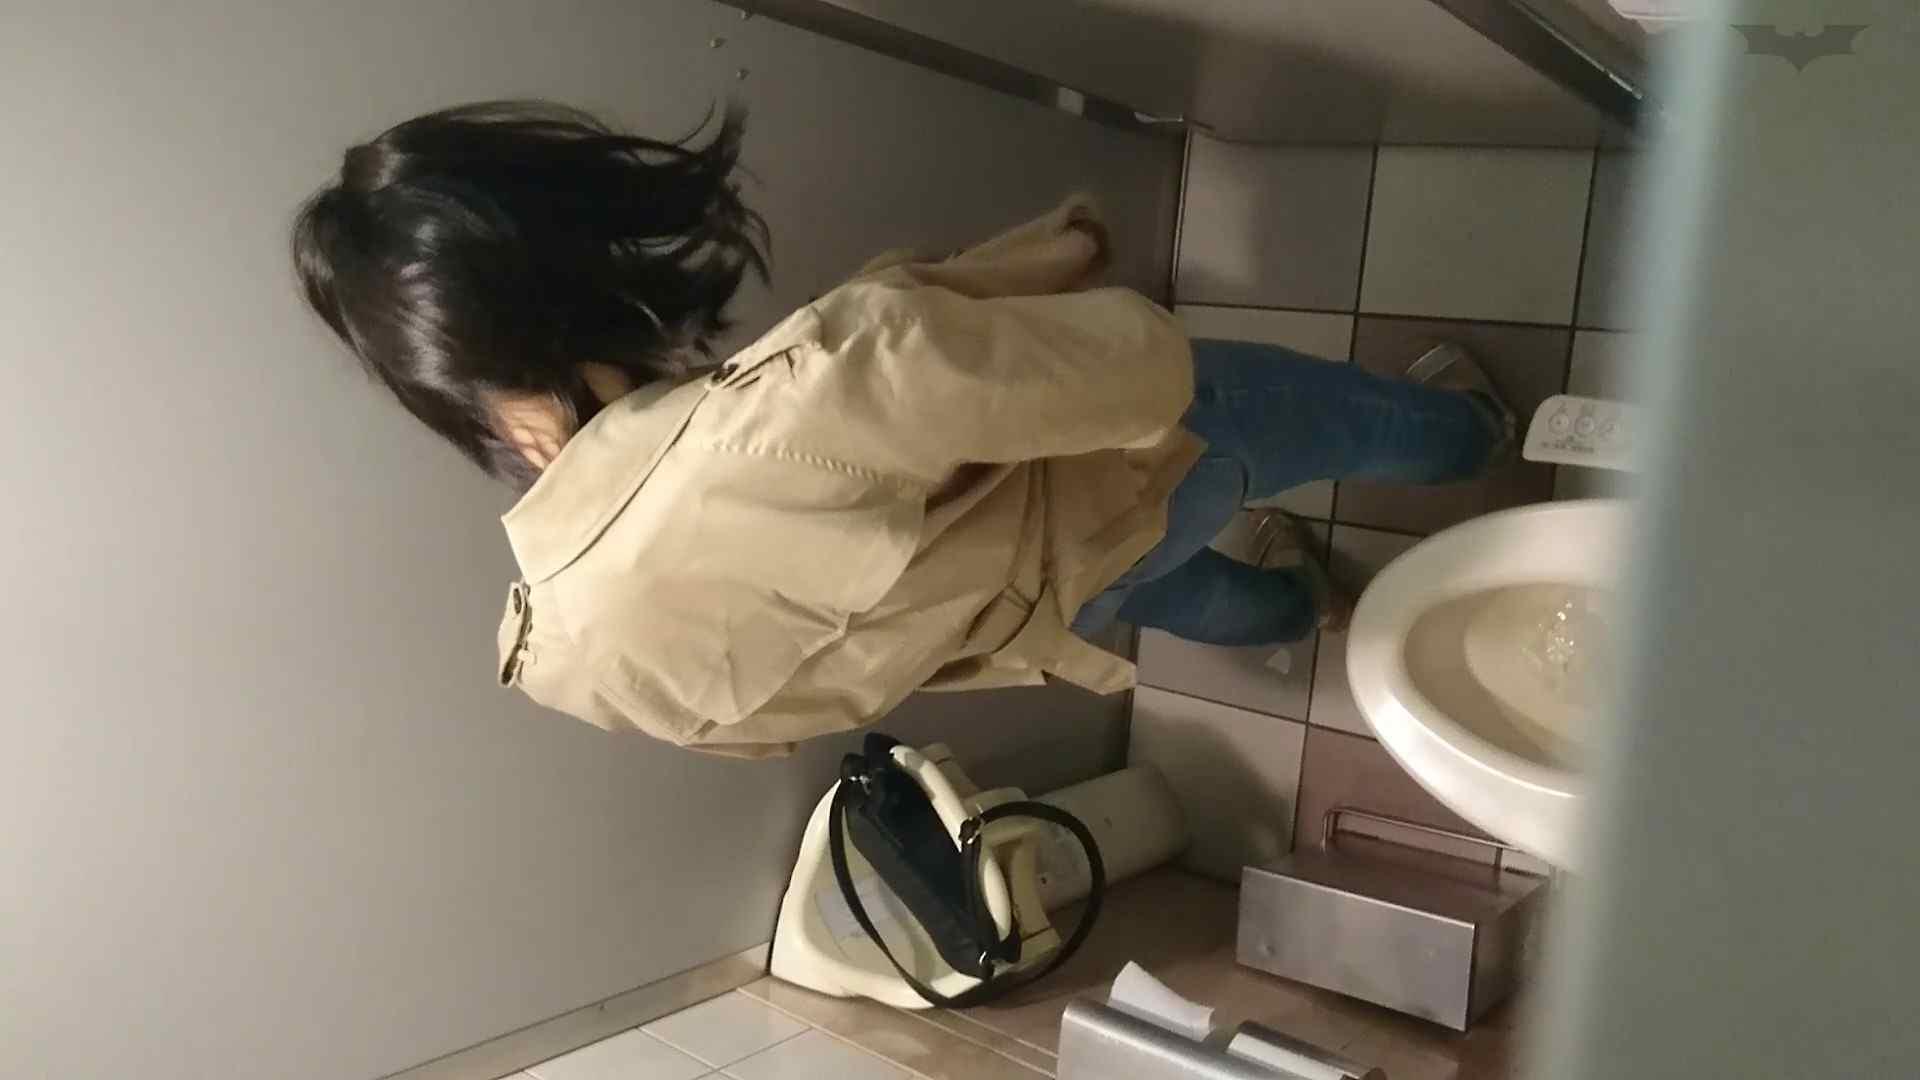 化粧室絵巻 ショッピングモール編 VOL.22 高評価 ヌード画像 111枚 15